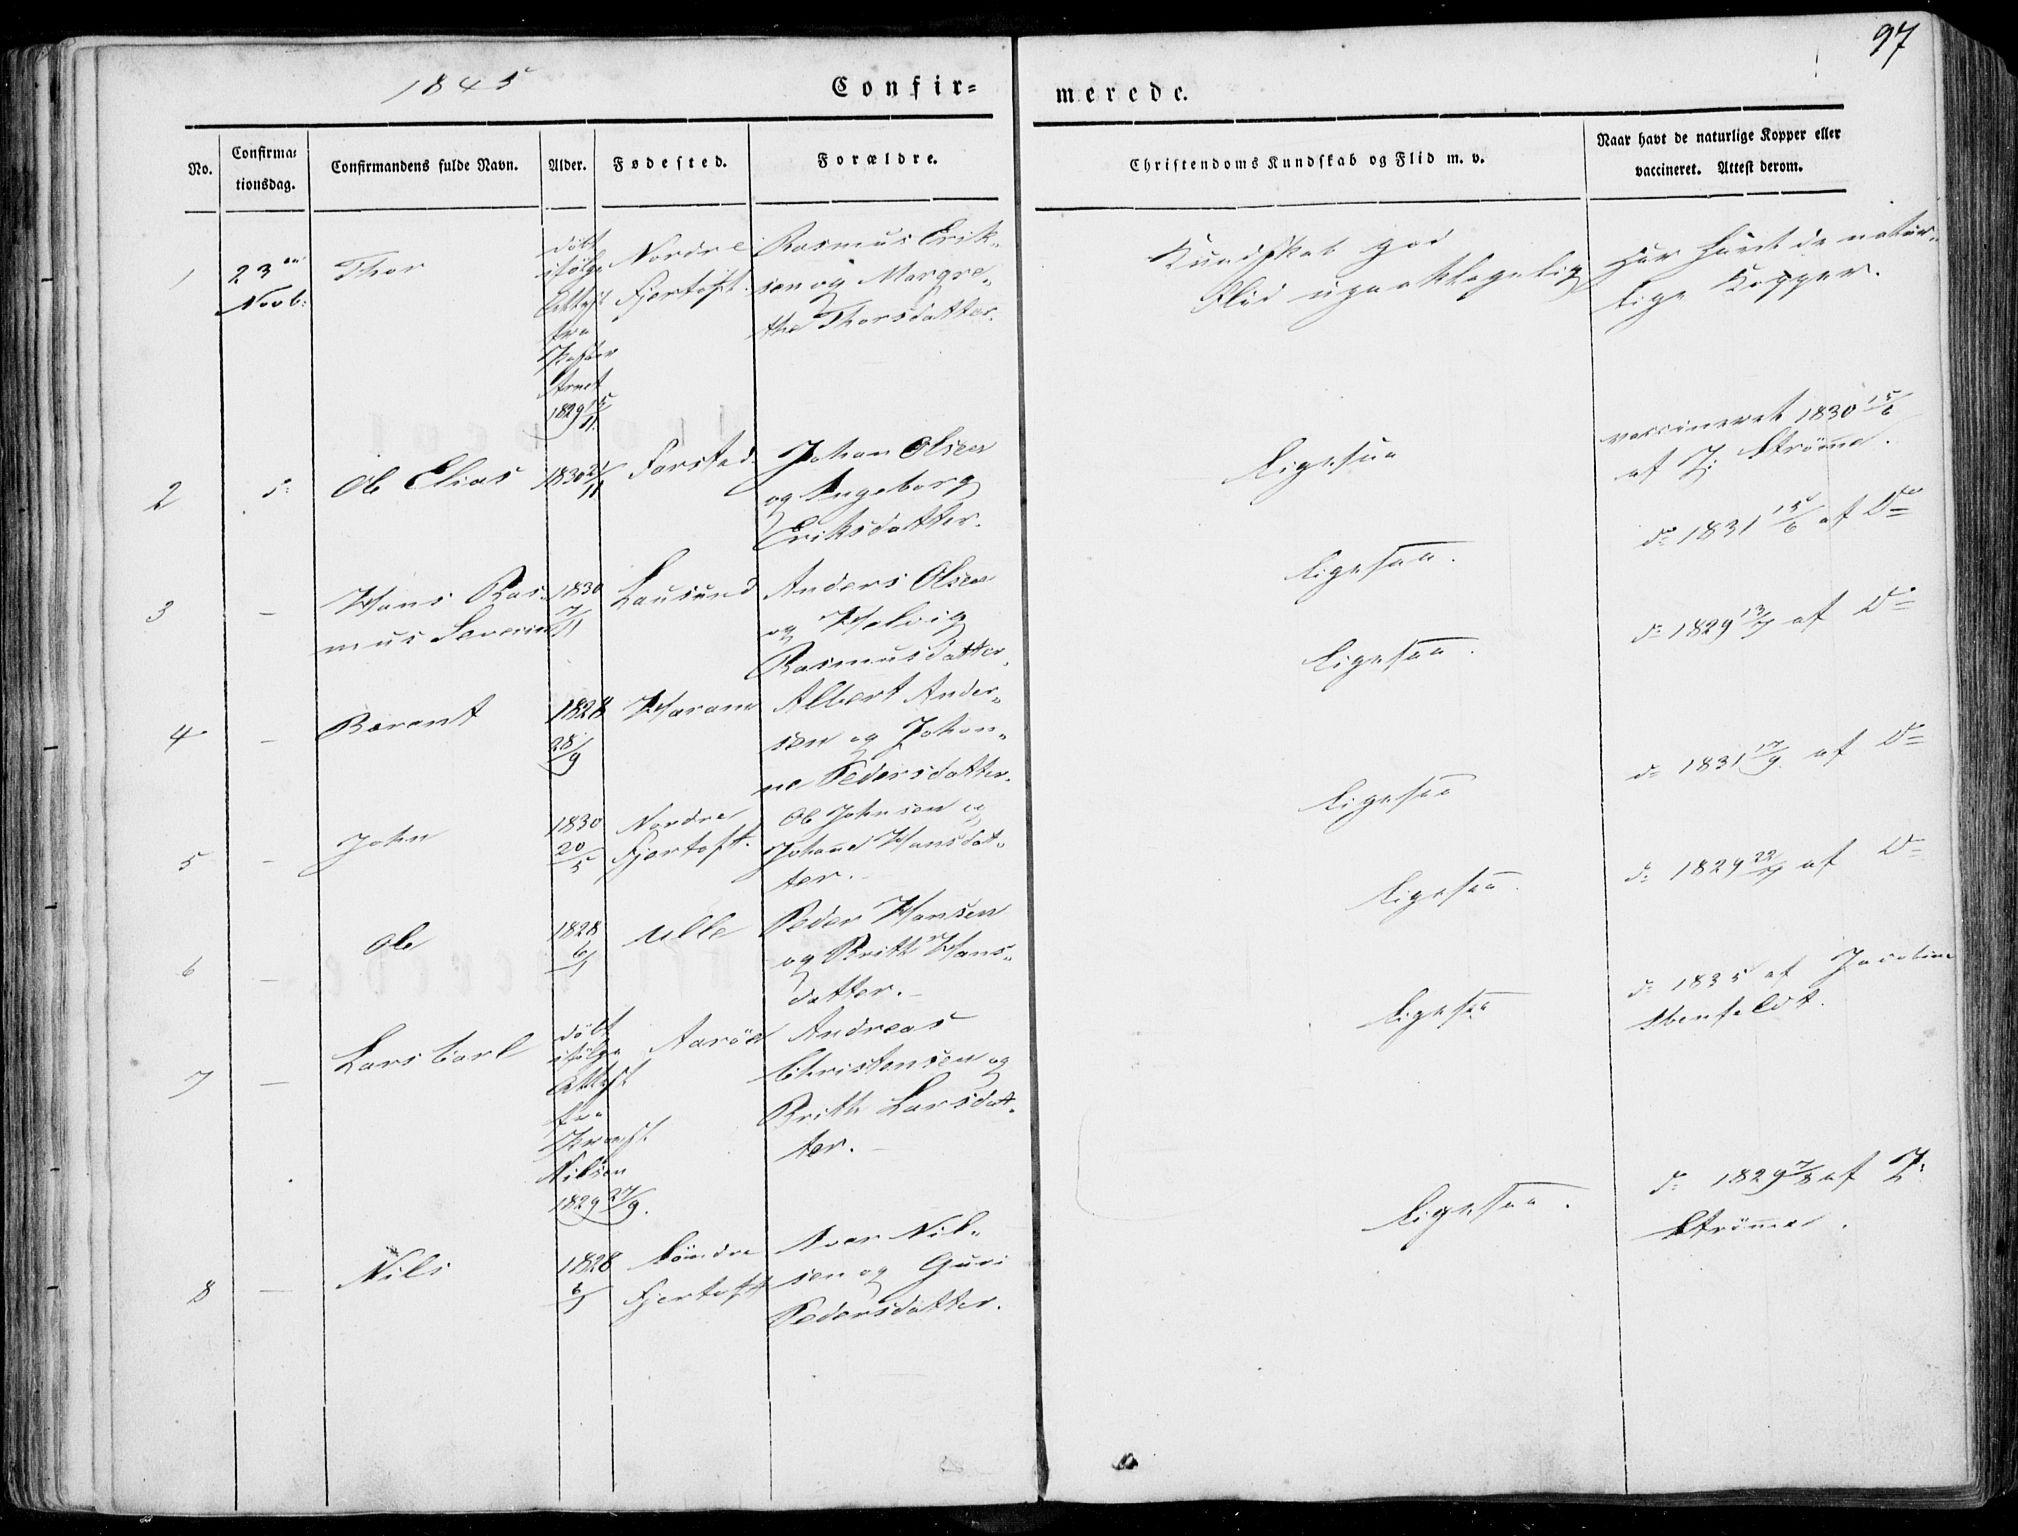 SAT, Ministerialprotokoller, klokkerbøker og fødselsregistre - Møre og Romsdal, 536/L0497: Ministerialbok nr. 536A06, 1845-1865, s. 97